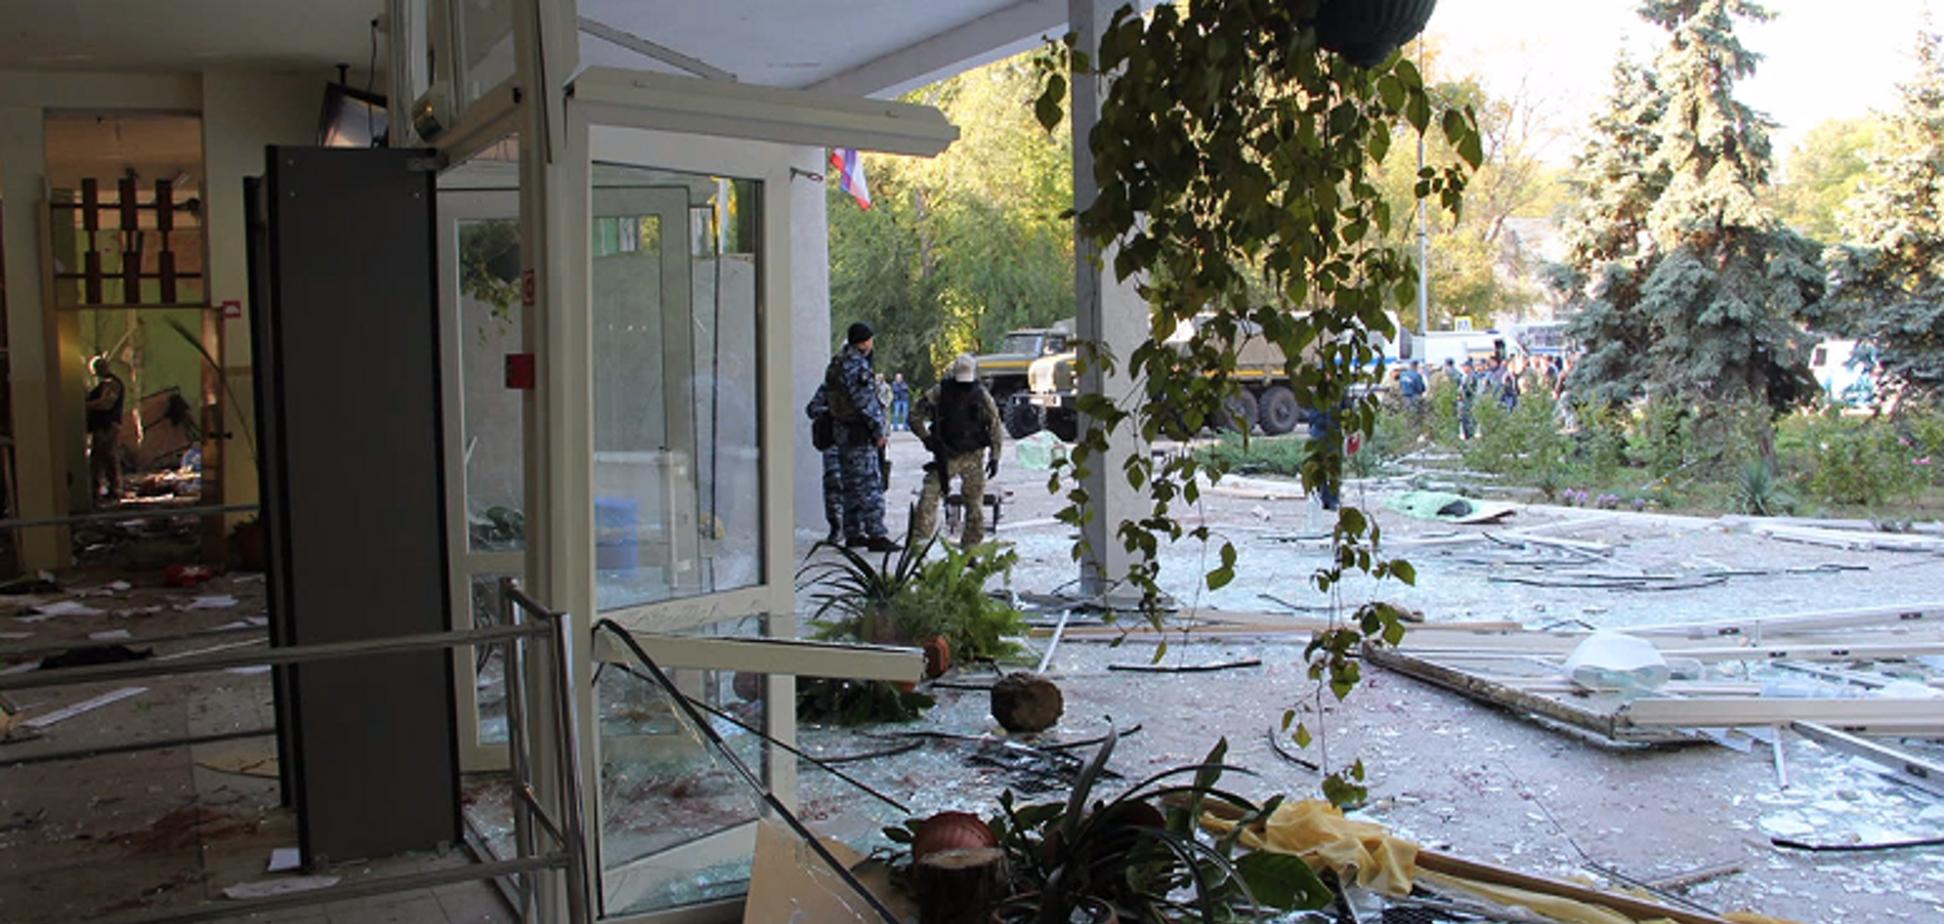 Не перше масове вбивство: у Радбезі Росії назвали причину кривавої бійні в Керчі